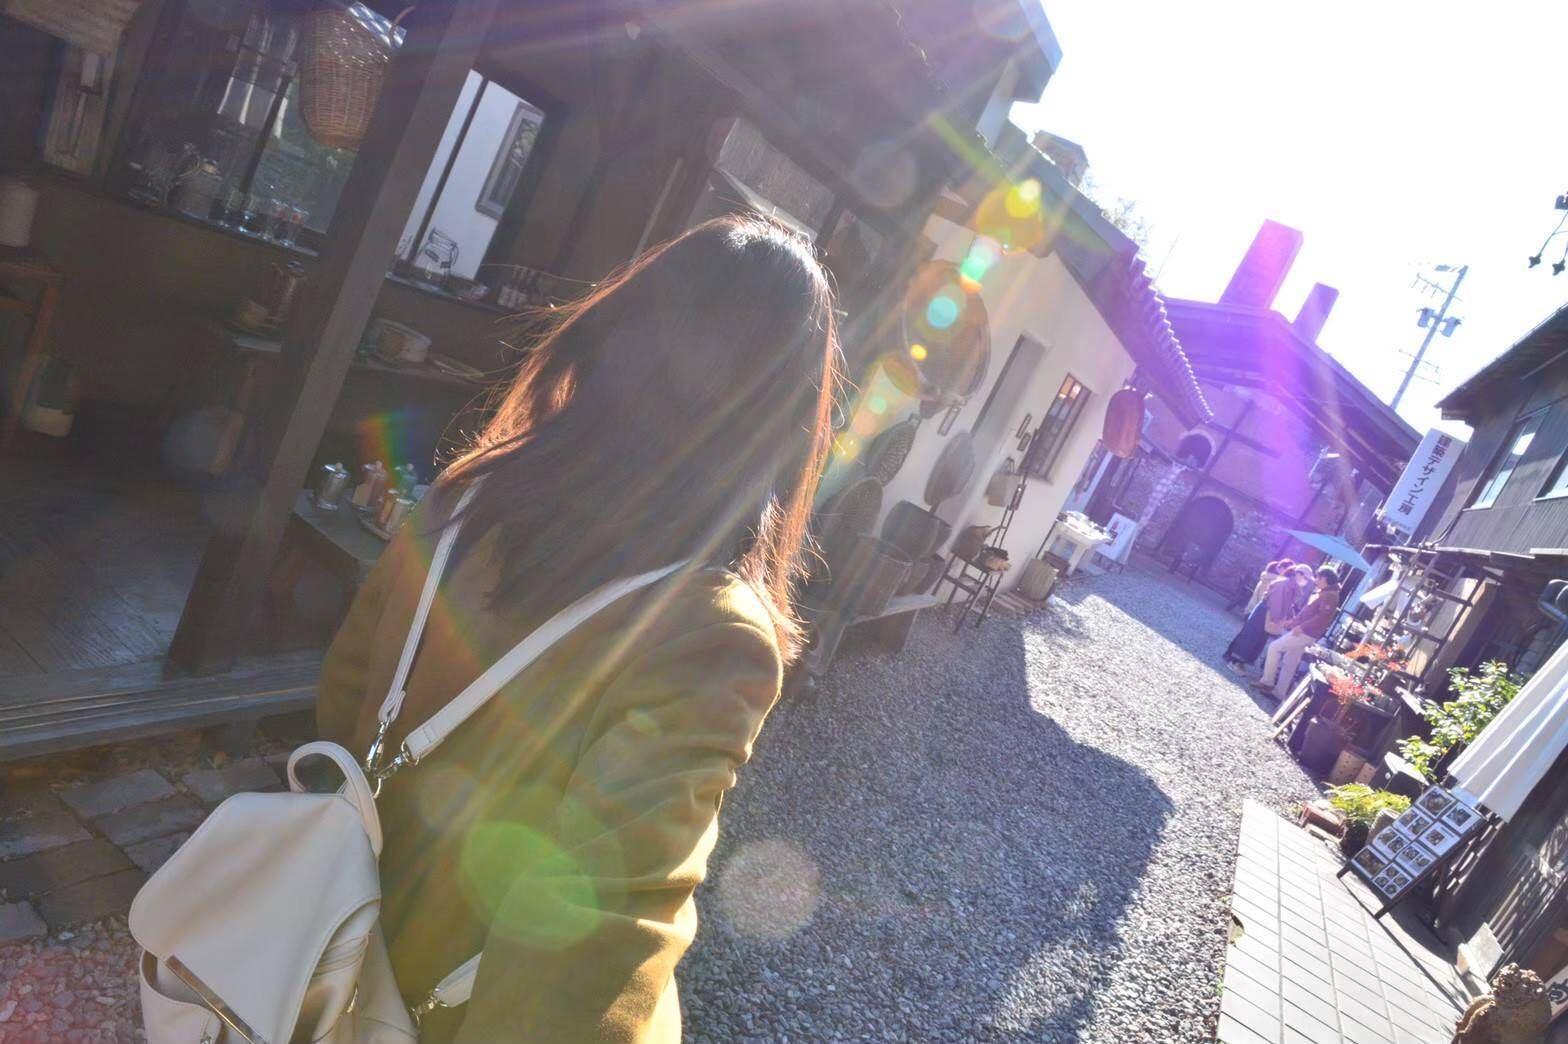 名古屋・大阪・東京のレンタルフレンド・レンタル彼氏・レンタル彼女